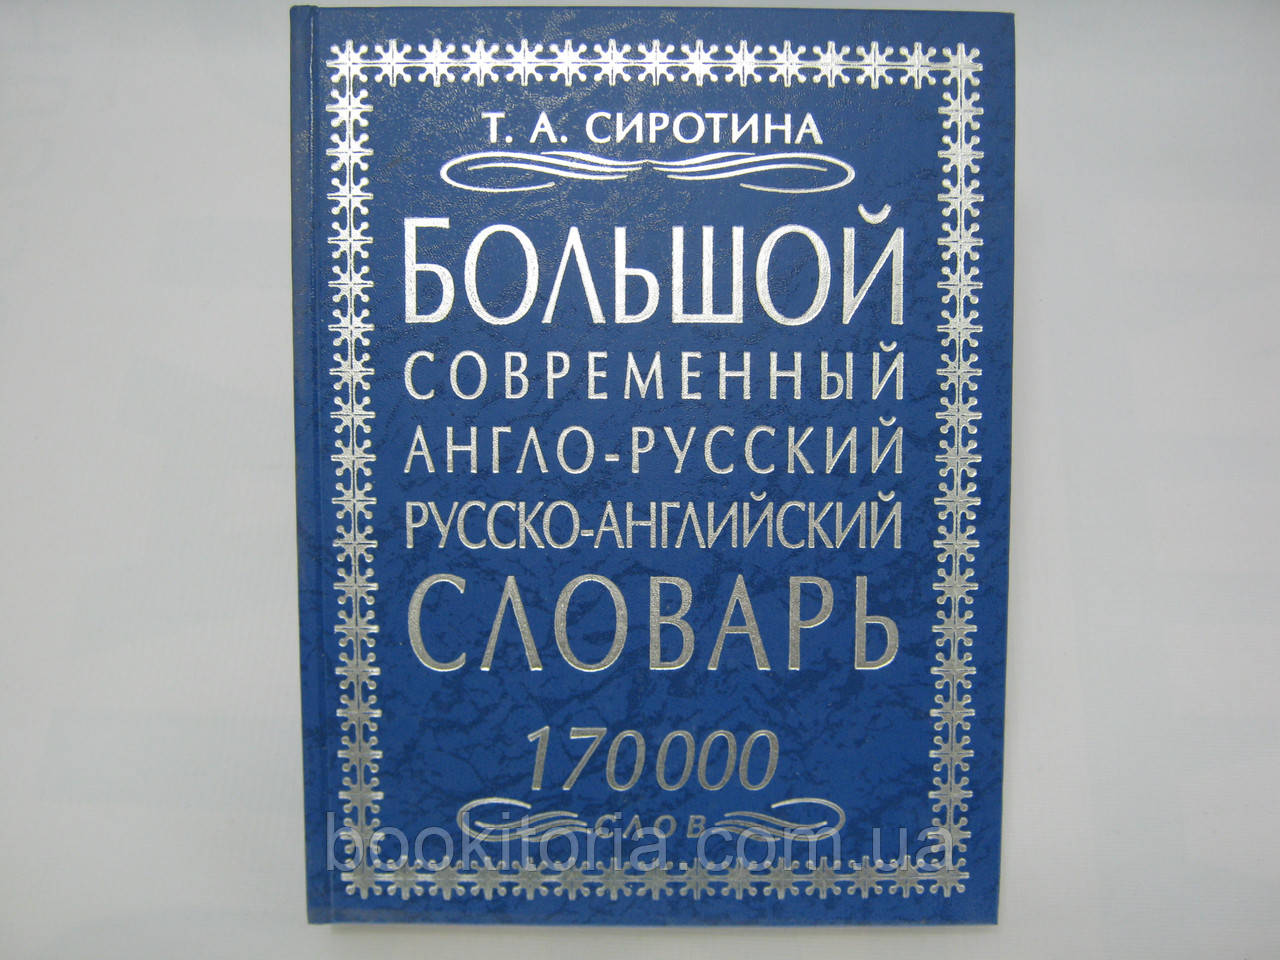 Сиротина Т.А. Большой современный англо-русский, русско-английский словарь (б/у).